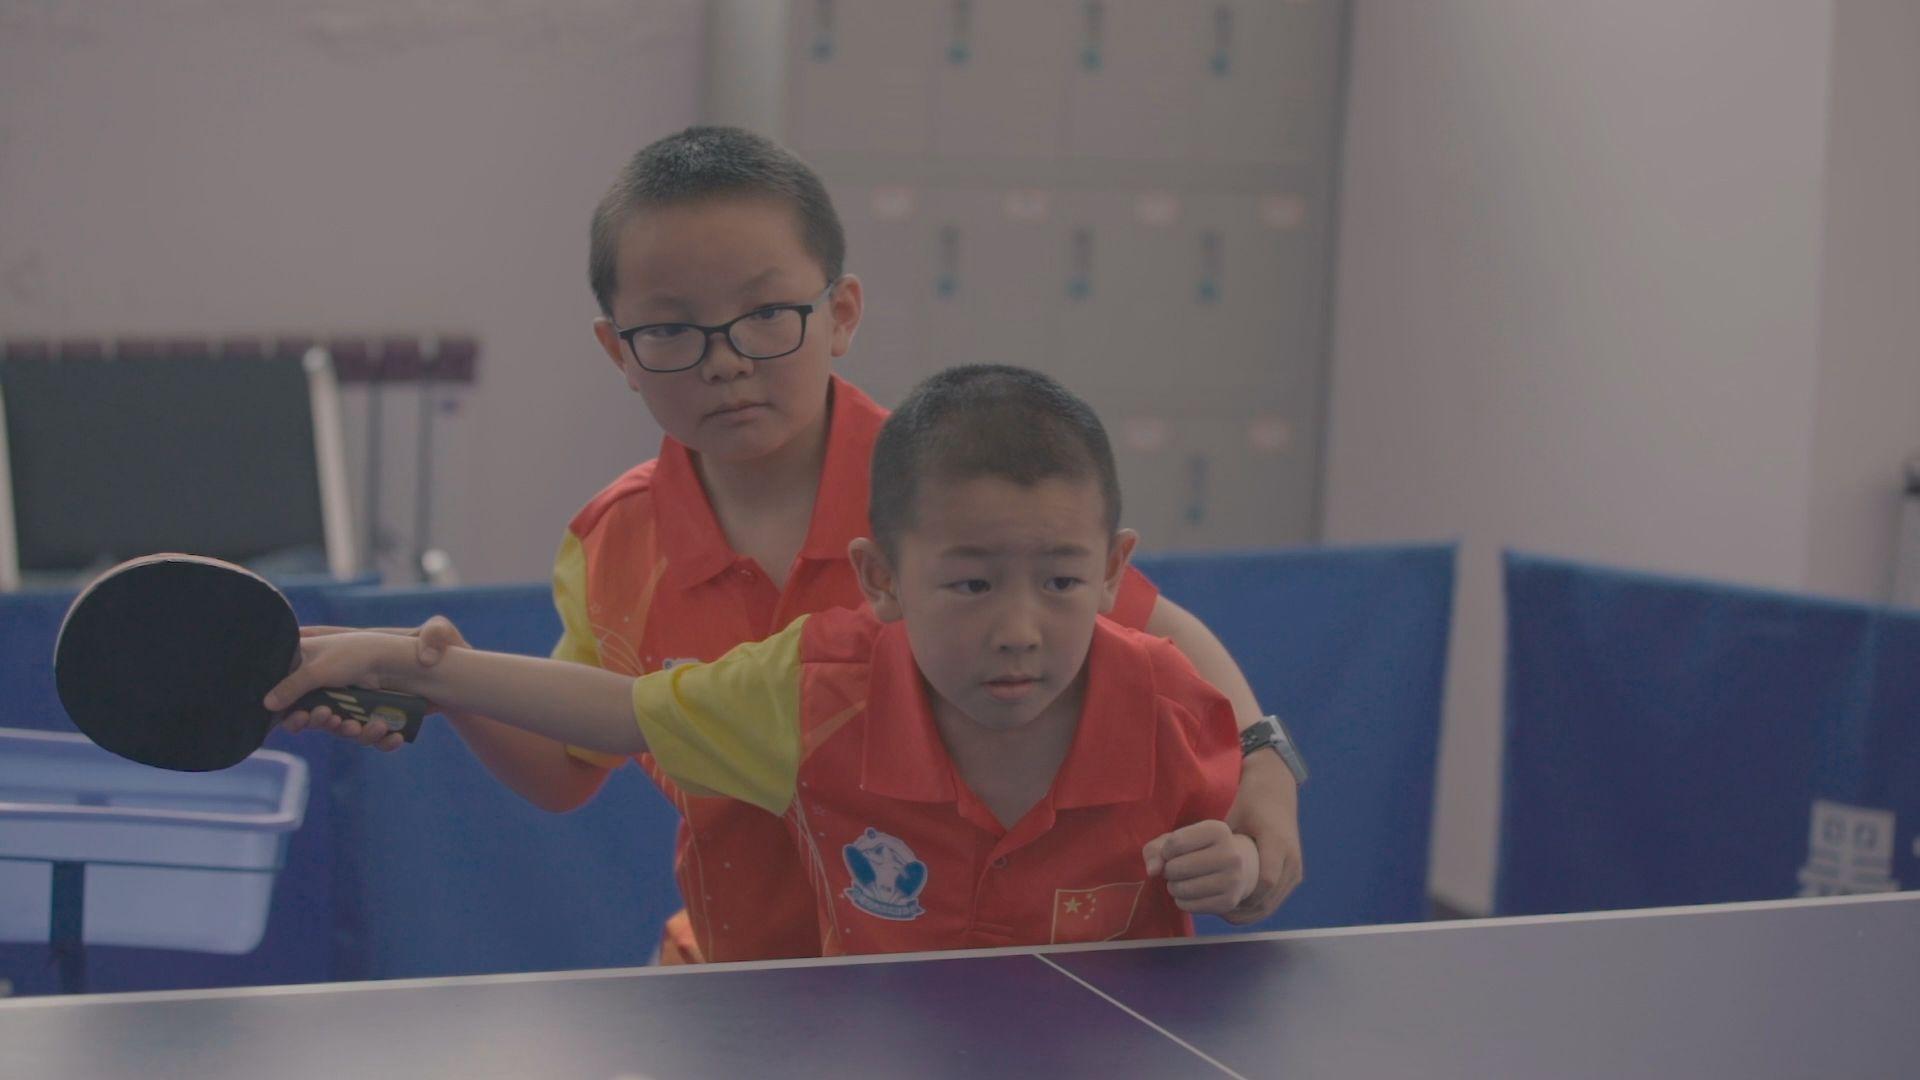 坚持自己的路!藏族小伙学成回乡当乒乓球教练_酷炫体坛